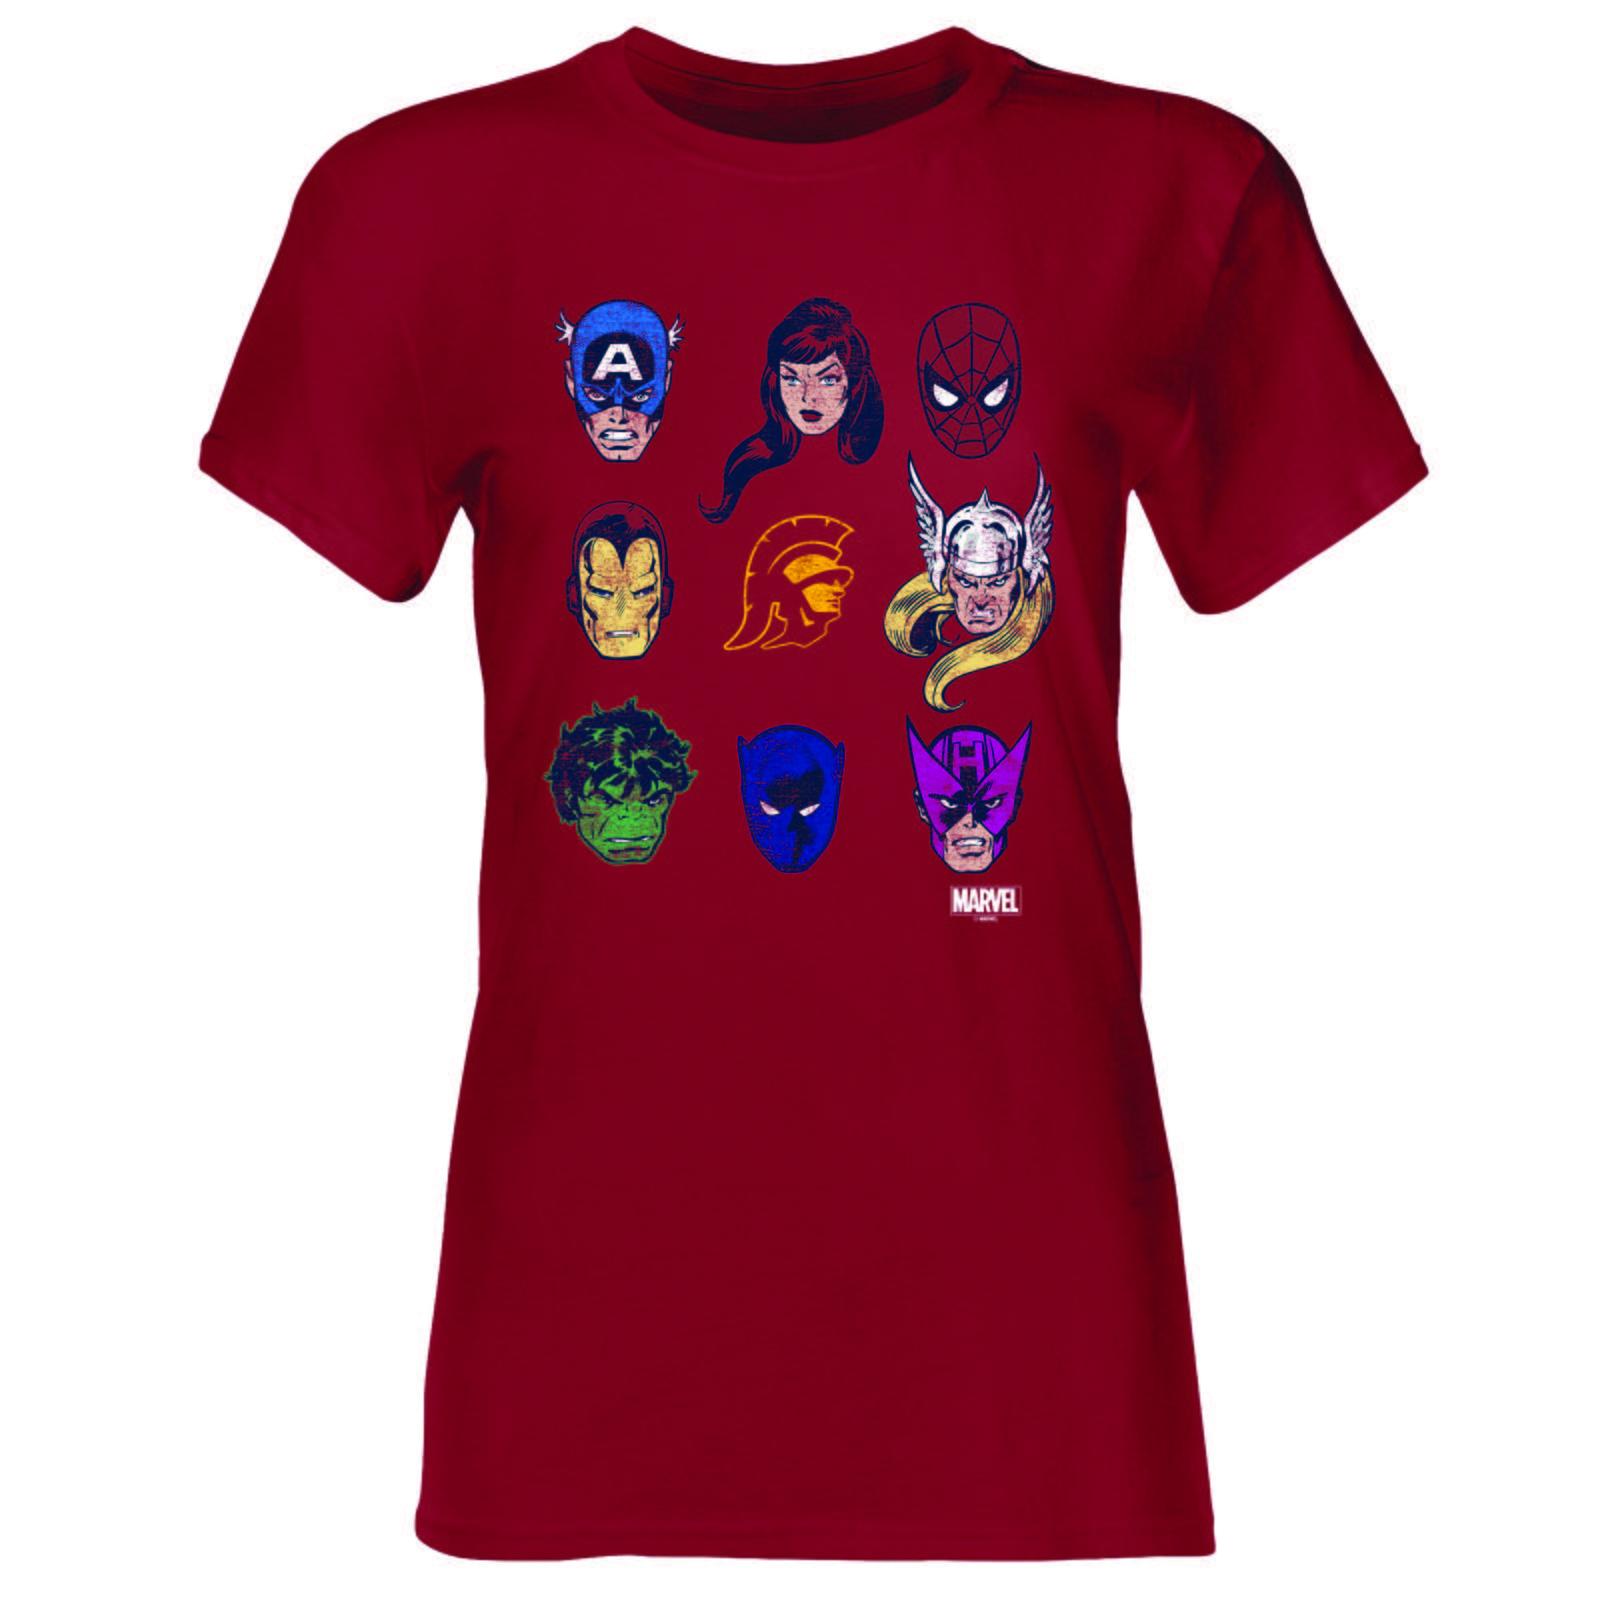 1c229a59687 USC Trojans X Marvel Women Tommy Head Super Star Cast T-shirt